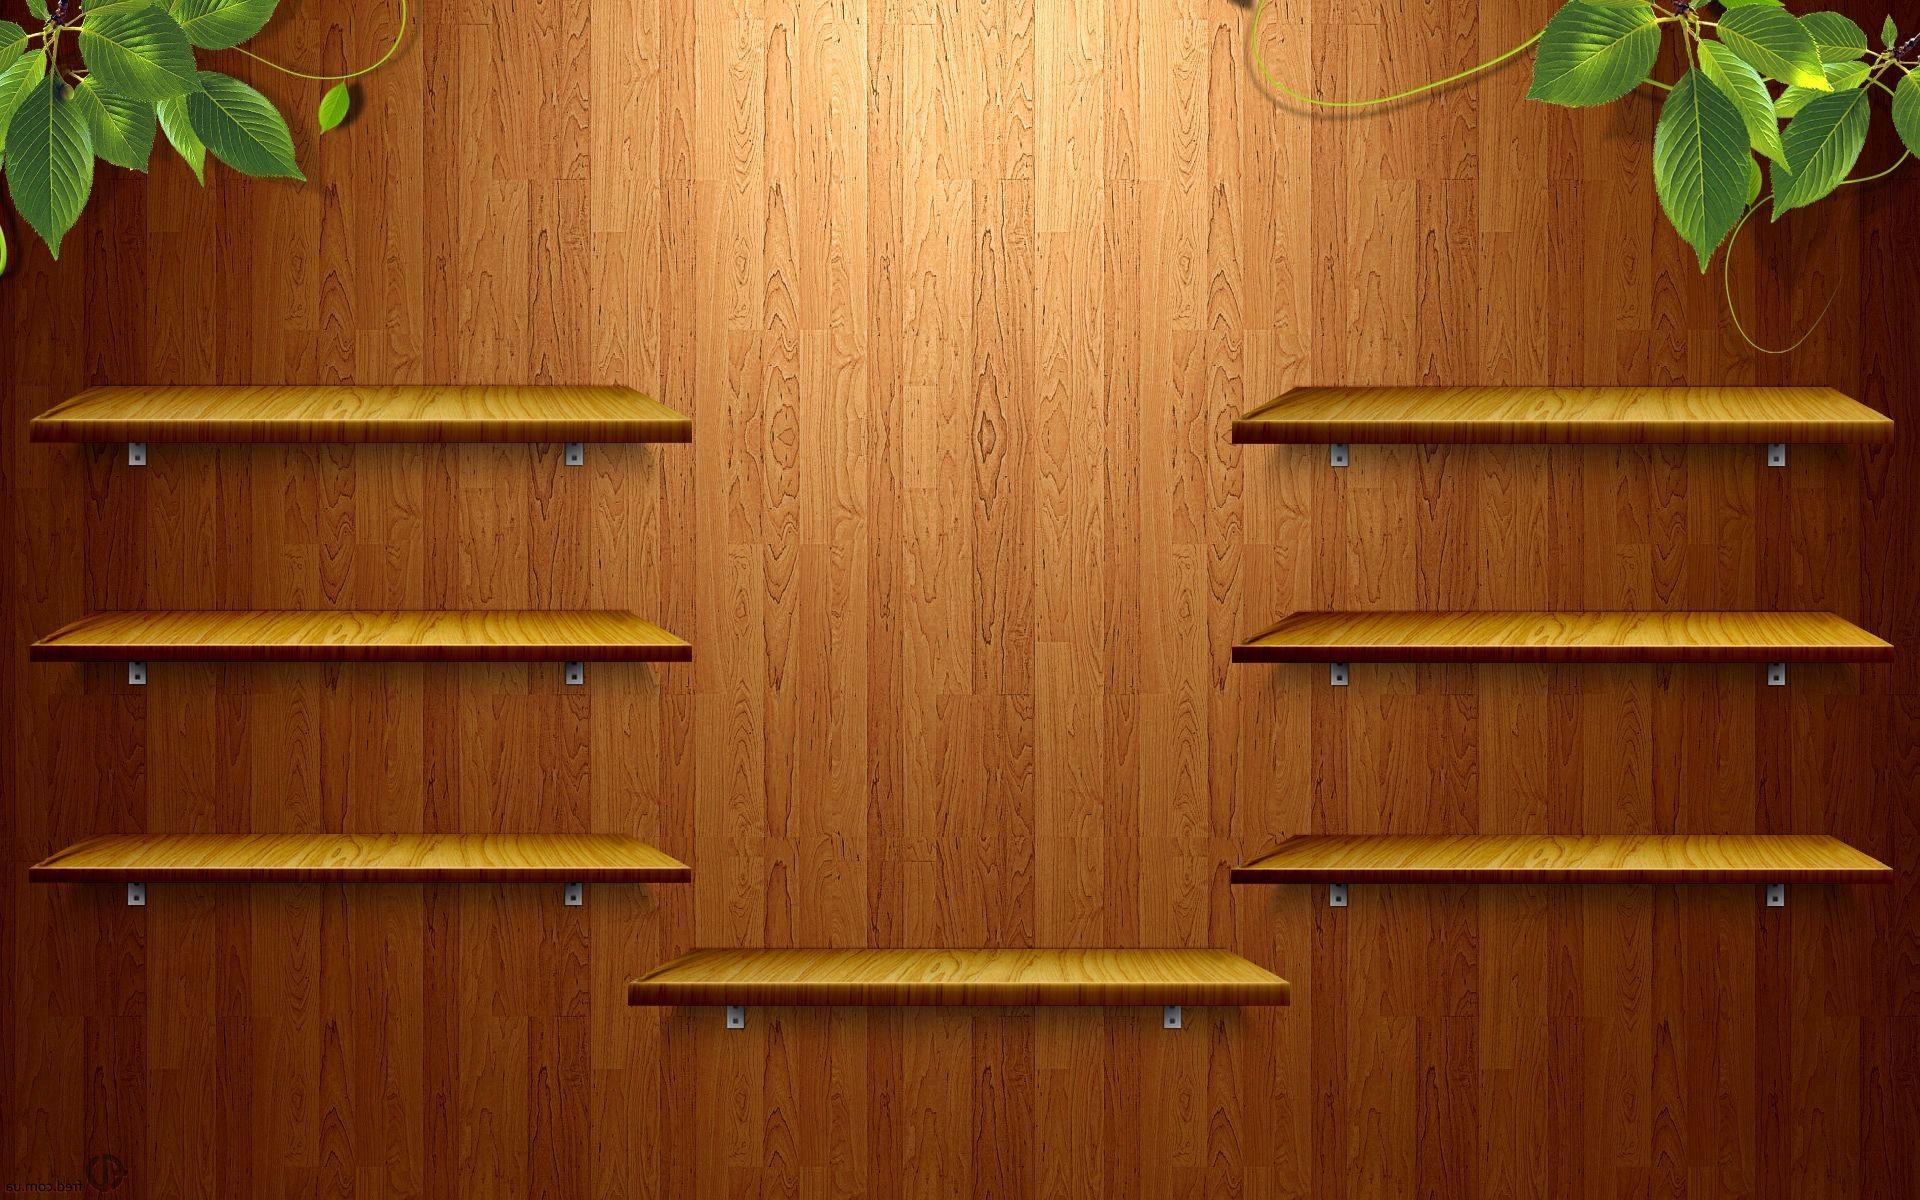 Cute Iphone 6 Shelf Wallpaper Shelf Desktop Background 183 ① Wallpapertag